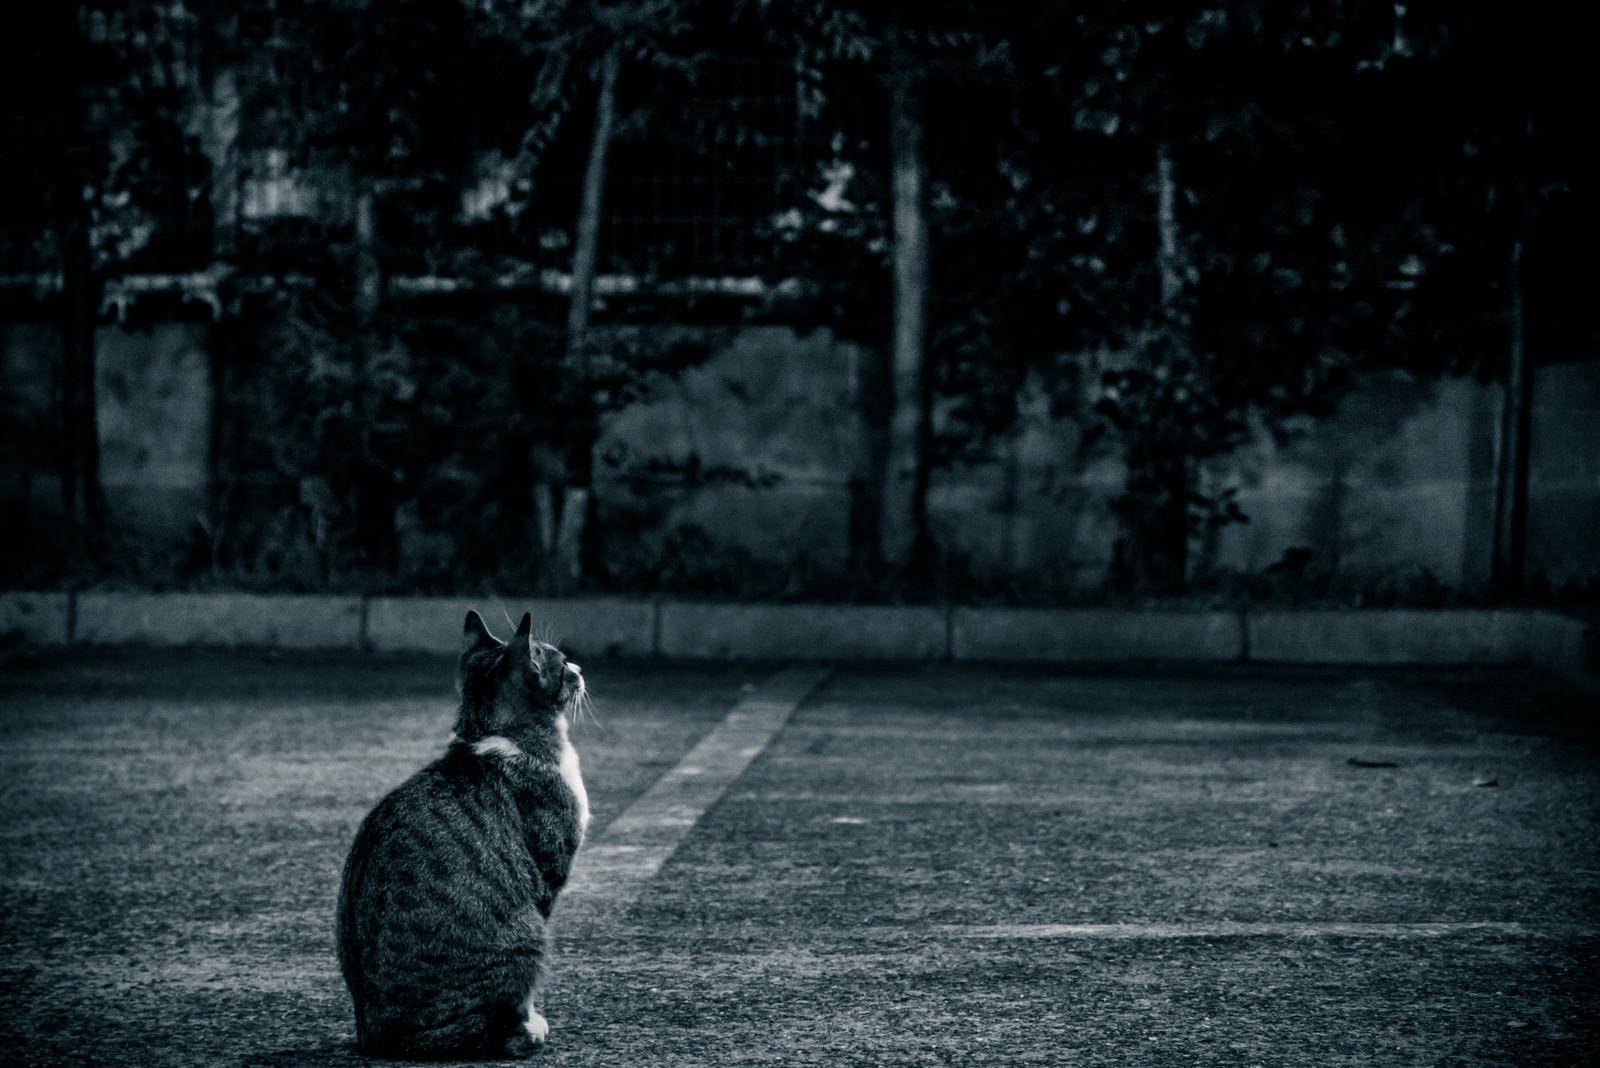 「忠猫忠猫」のフリー写真素材を拡大